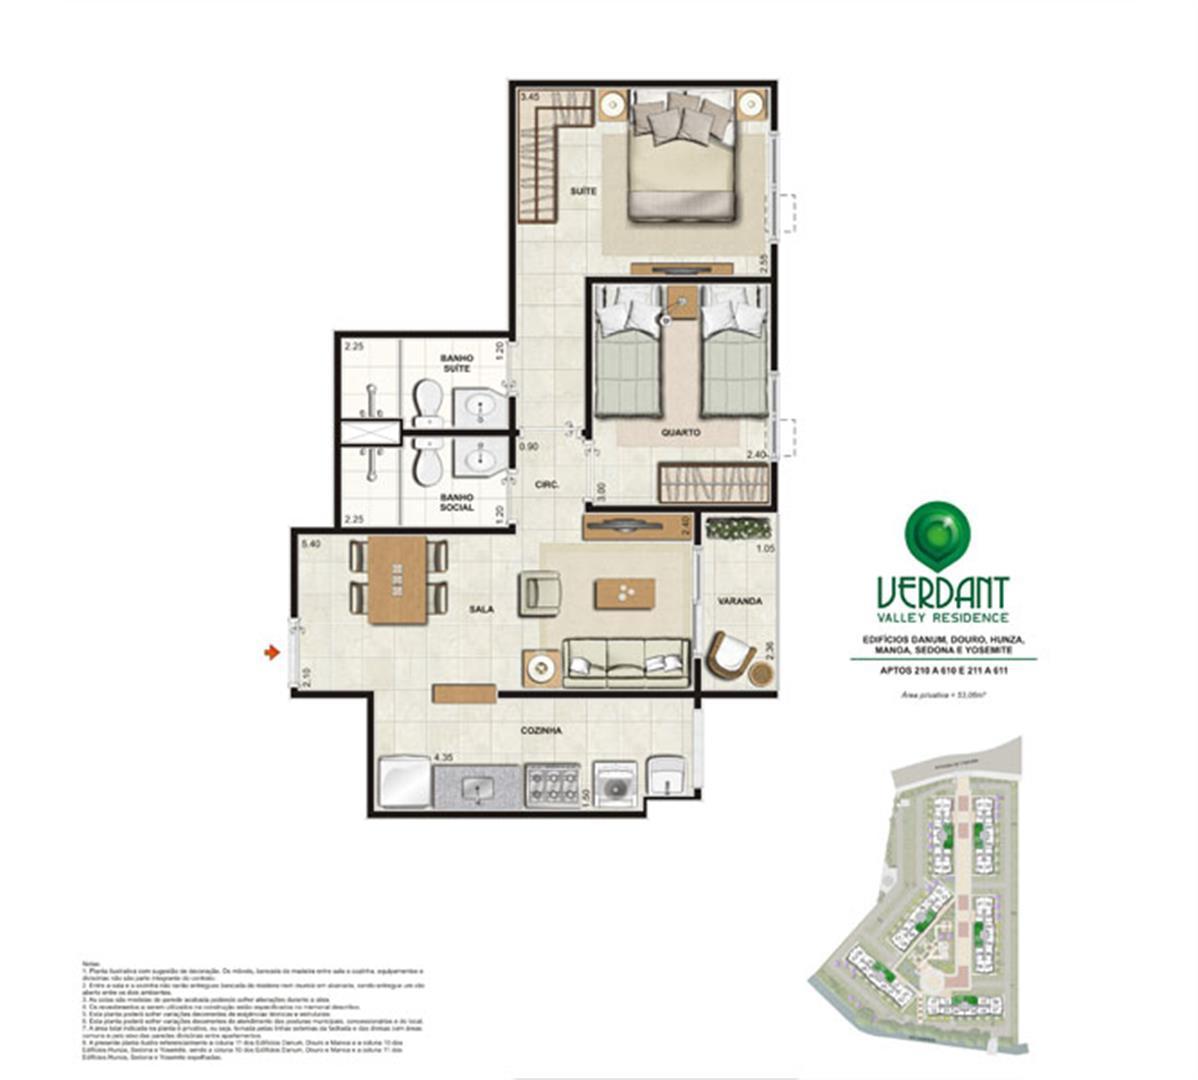 2 Quartos com suíte - 53,06m² - Aptos 210 a 610 e 211 a 611 - Edifícios Danum, Douro, Hunza, Manoa, Sedona e Yosemite